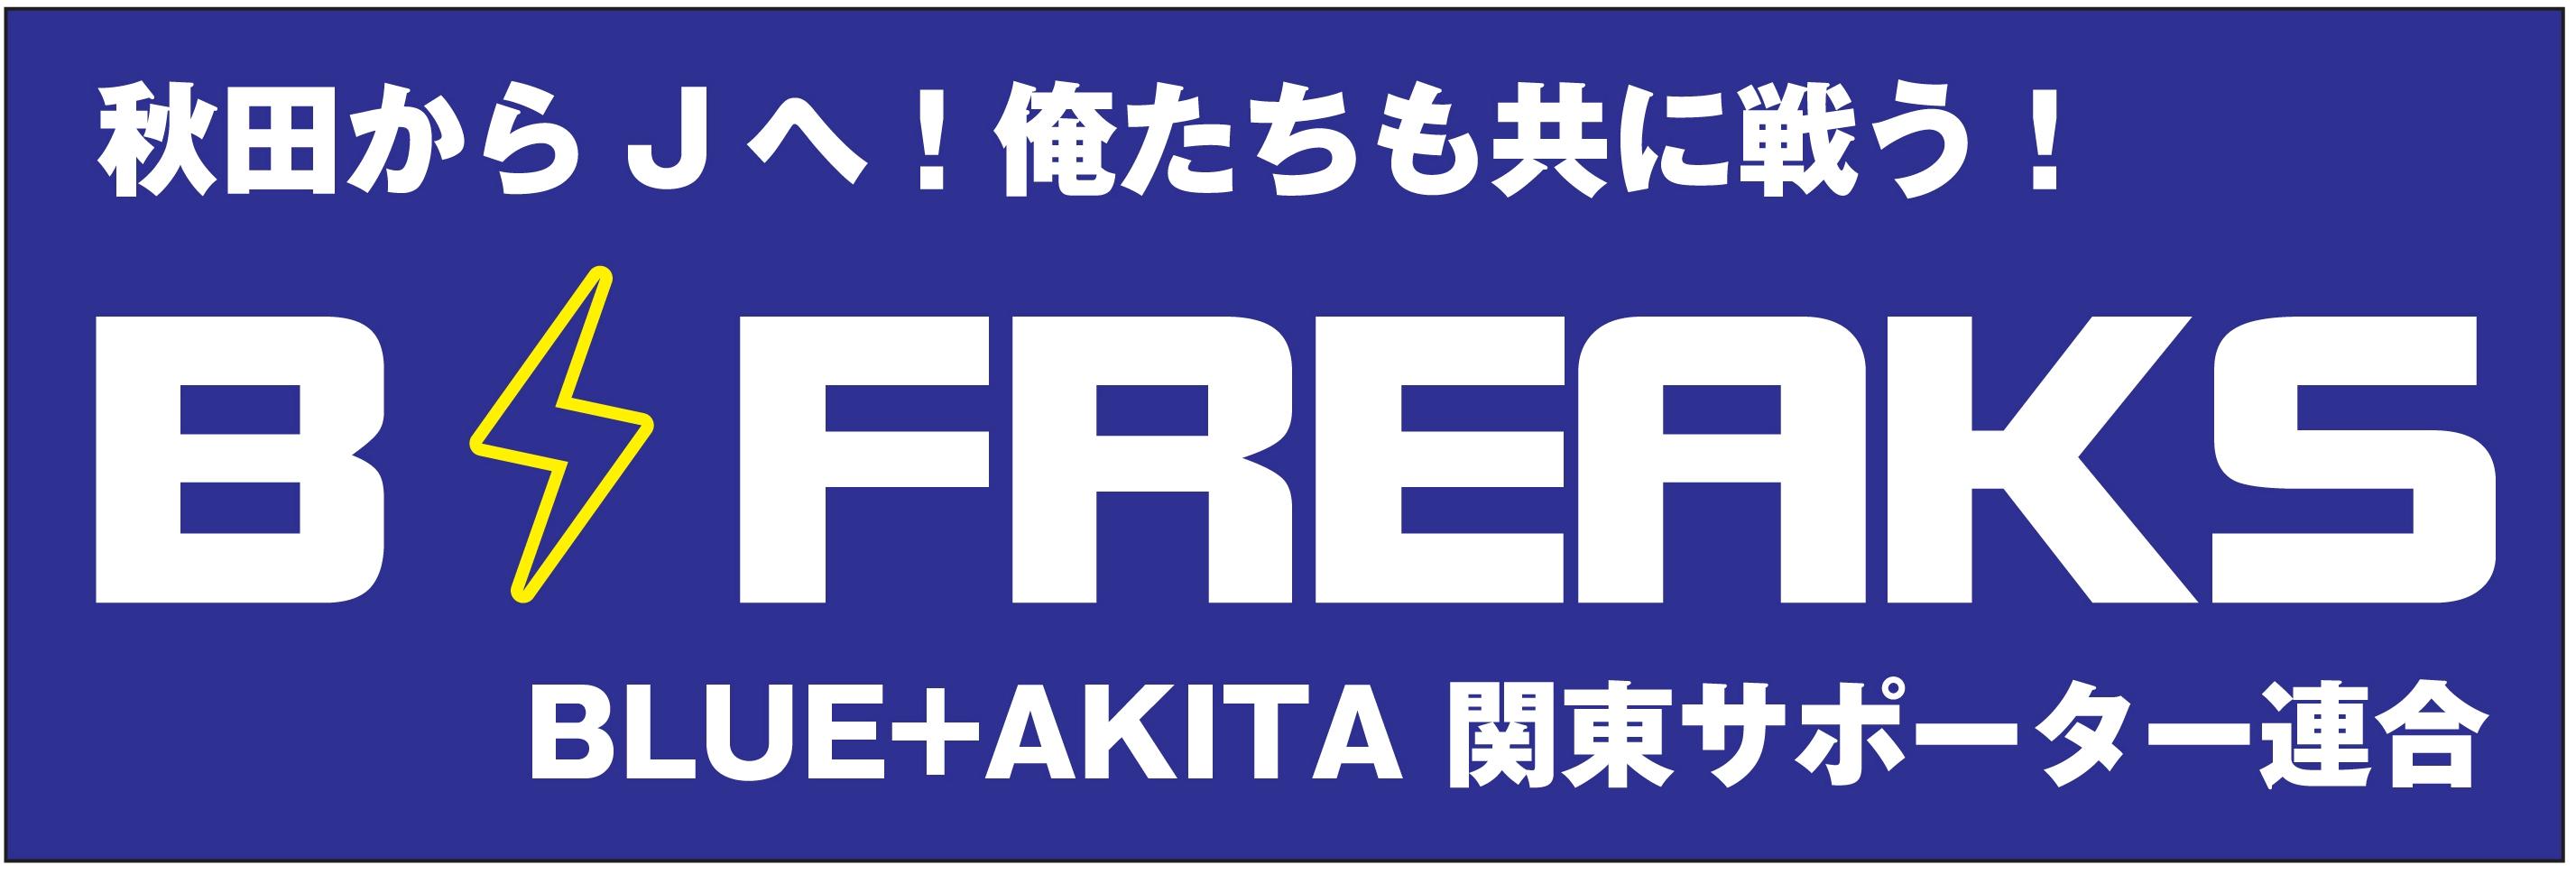 B-Freaks.jpg